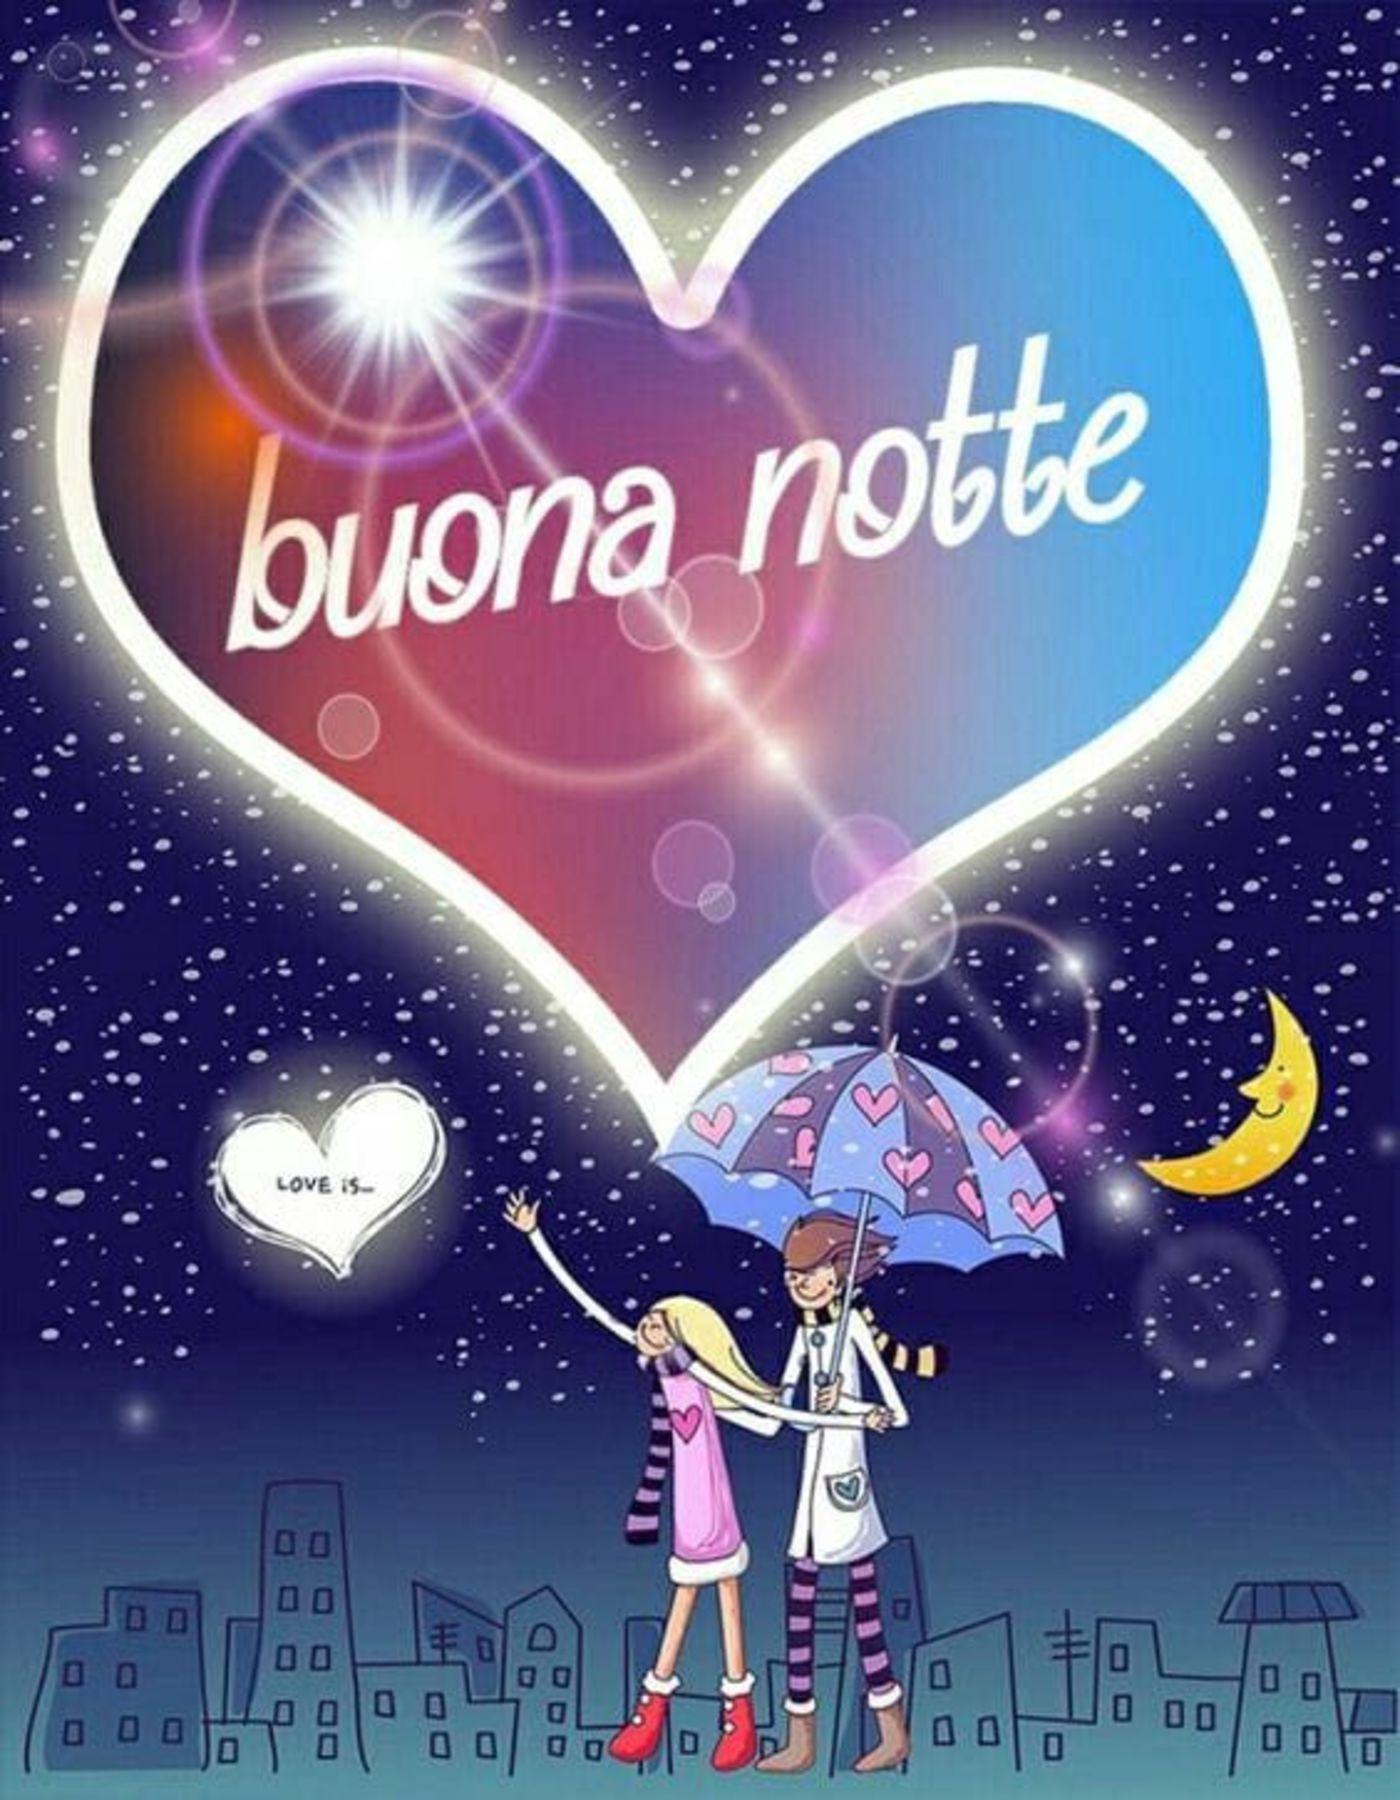 Buona Notte Col Cuore Buongiornissimocaffe It Buonanotte